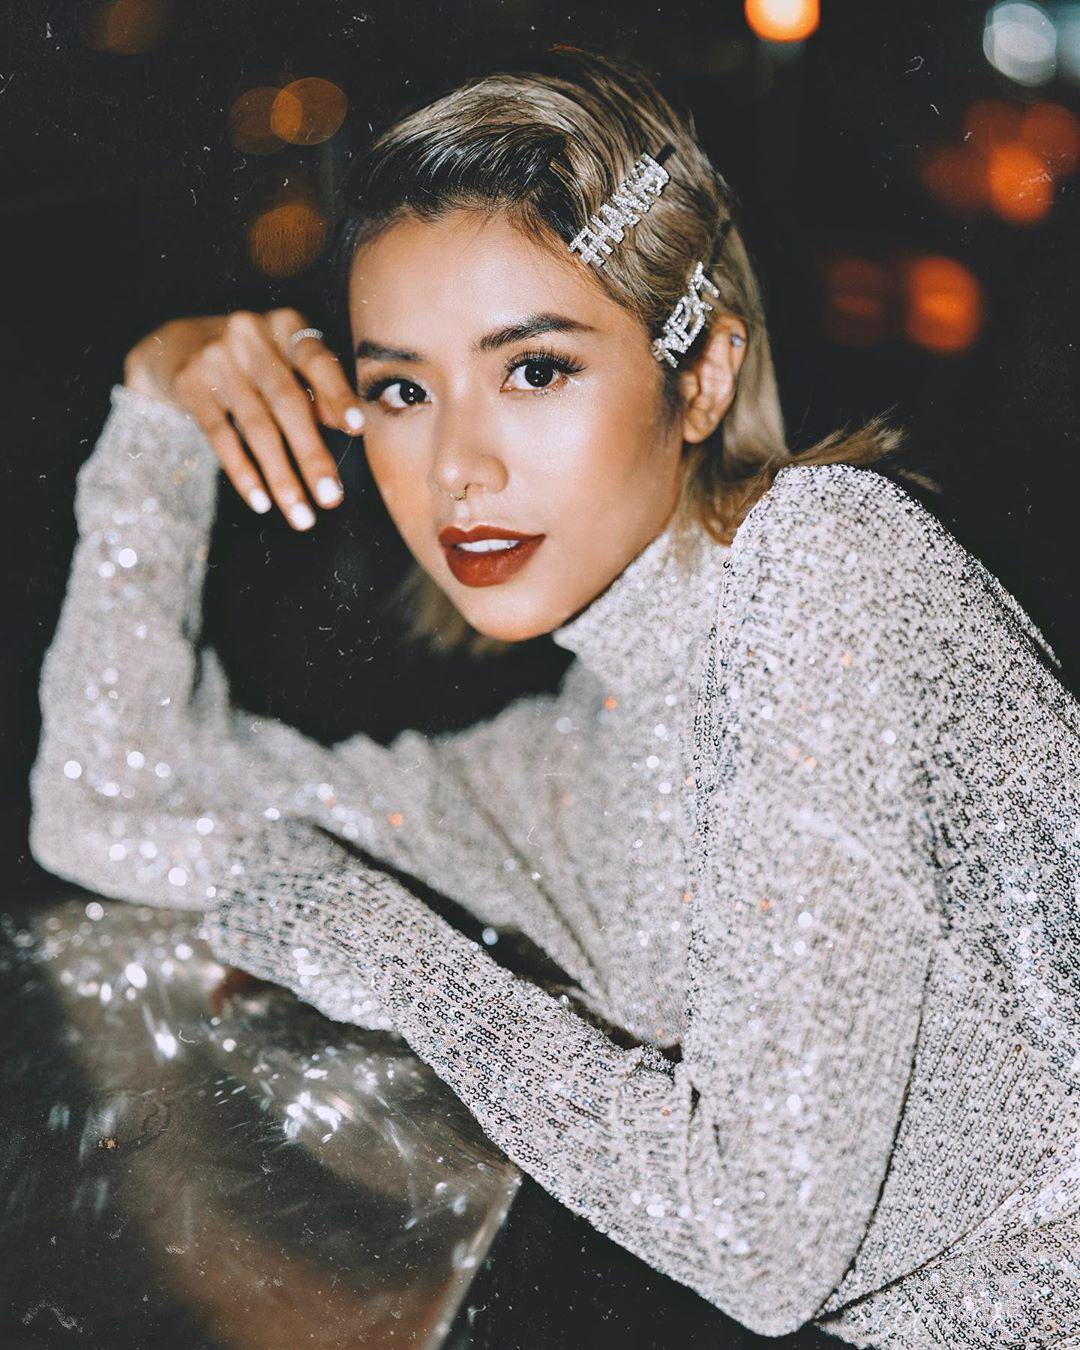 Thời trang cung cự giải - Gấu Zoan mặc đầm sequin bạc